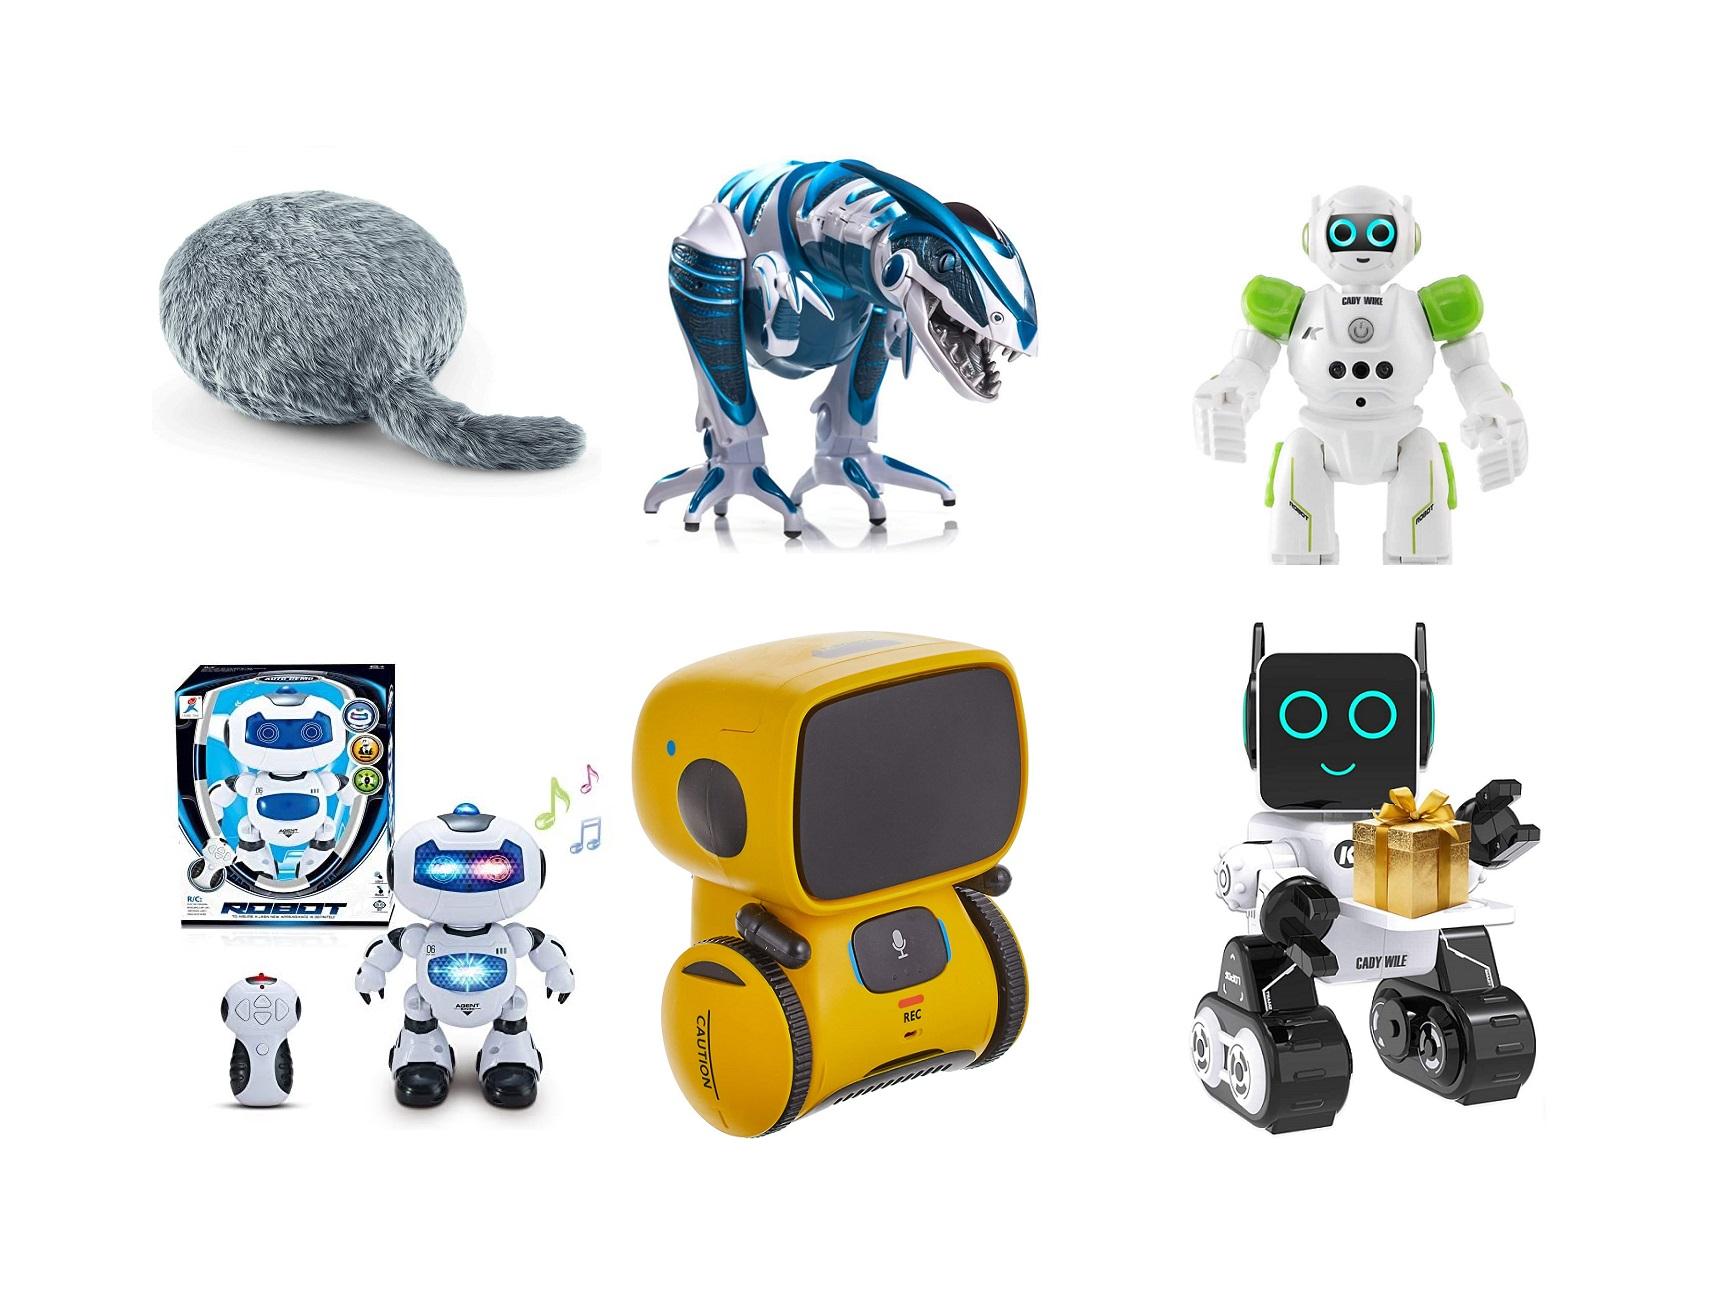 【2020年最新】3大ECモールでよく売れているおすすめ人気ロボット6選、コスパ最強はこれだ!